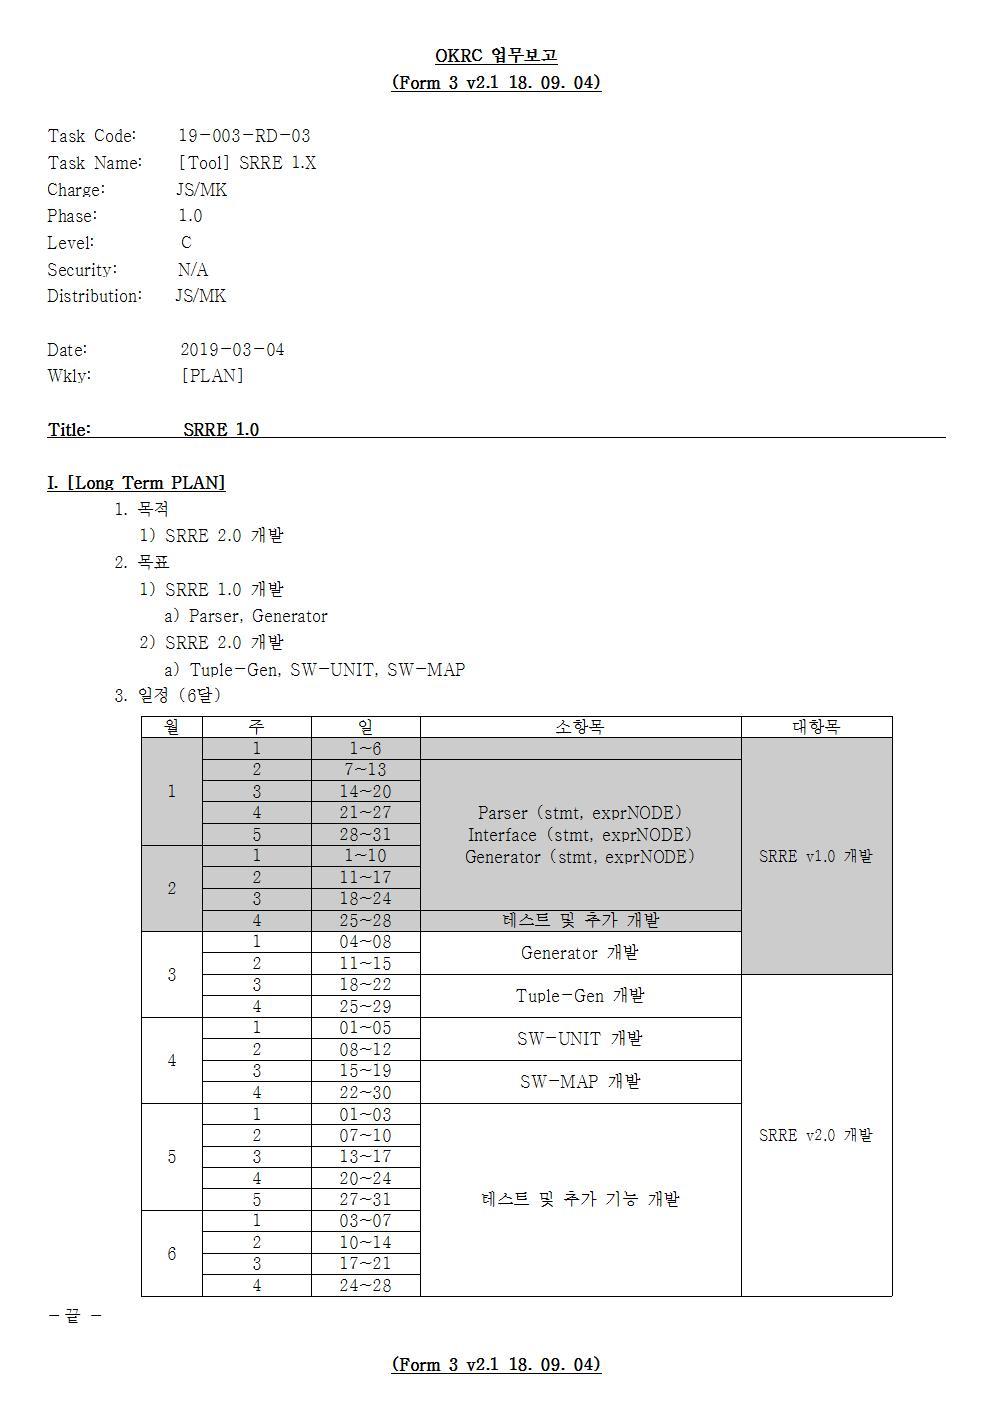 D-[19-003-RD-03]-[Tool-SRRE-1.X]-[2019-03-04][JS]001.jpg